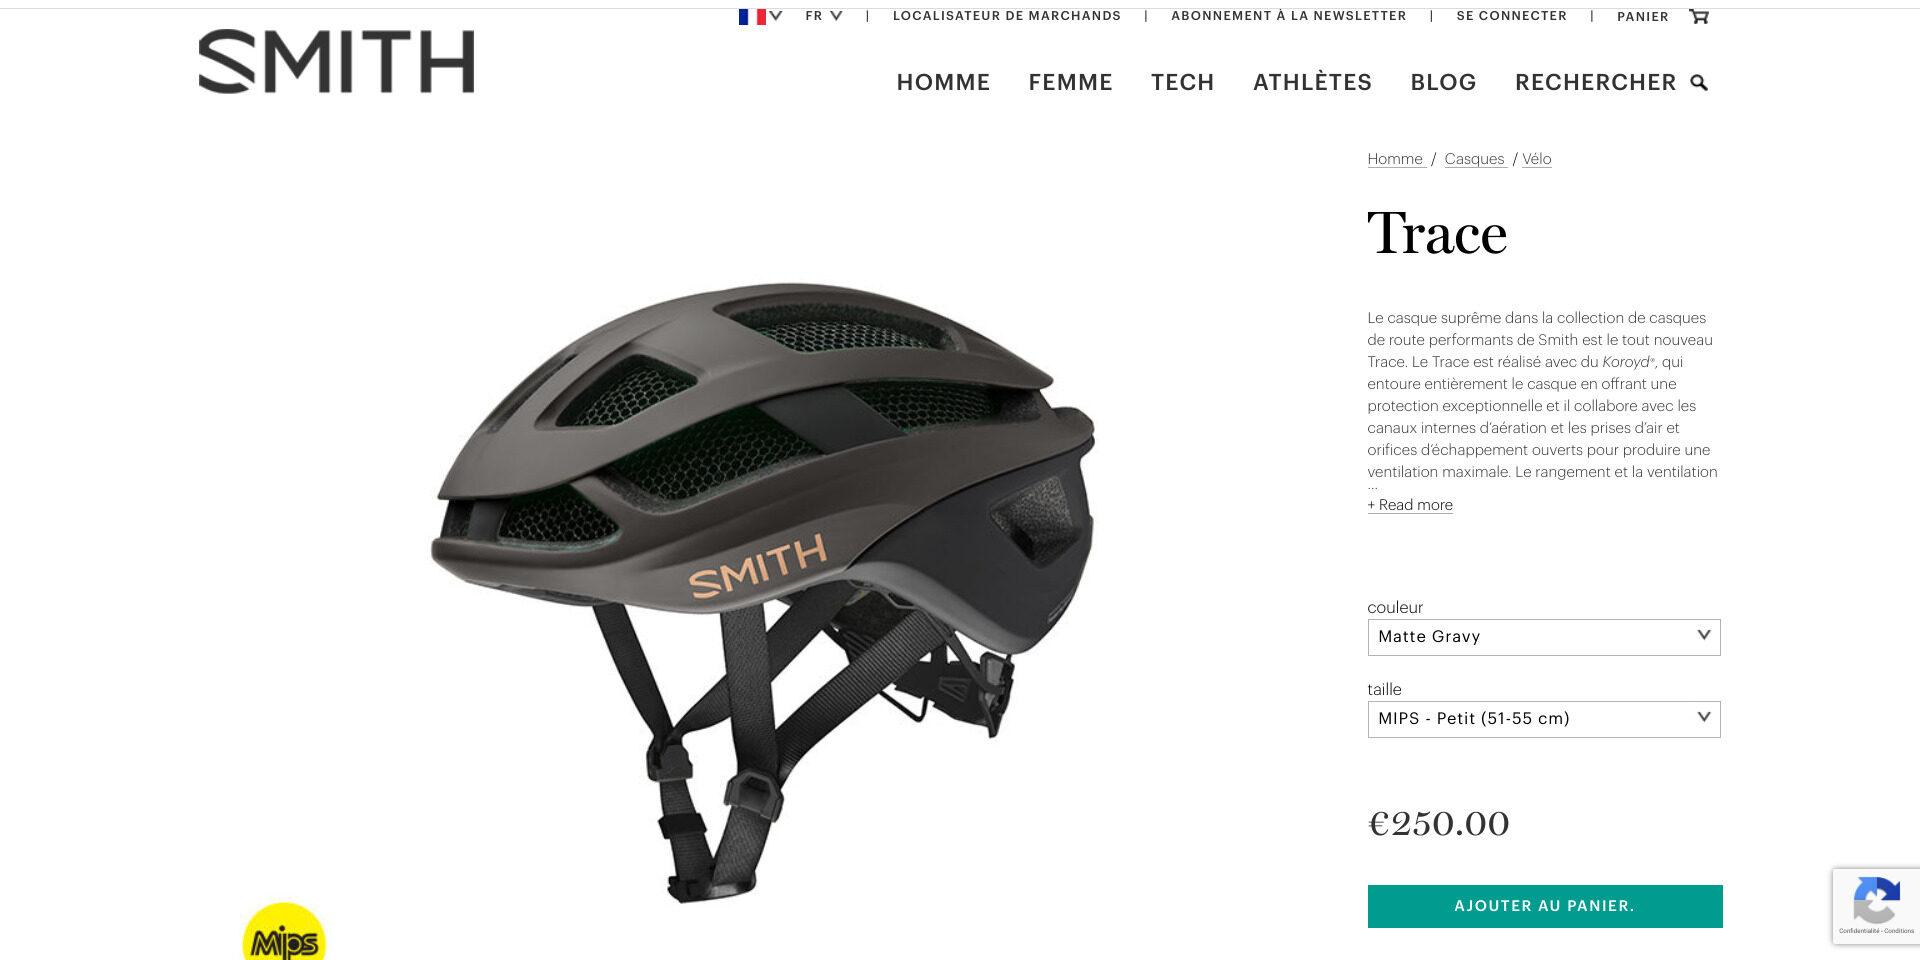 casque Trace sur le site de SMITH